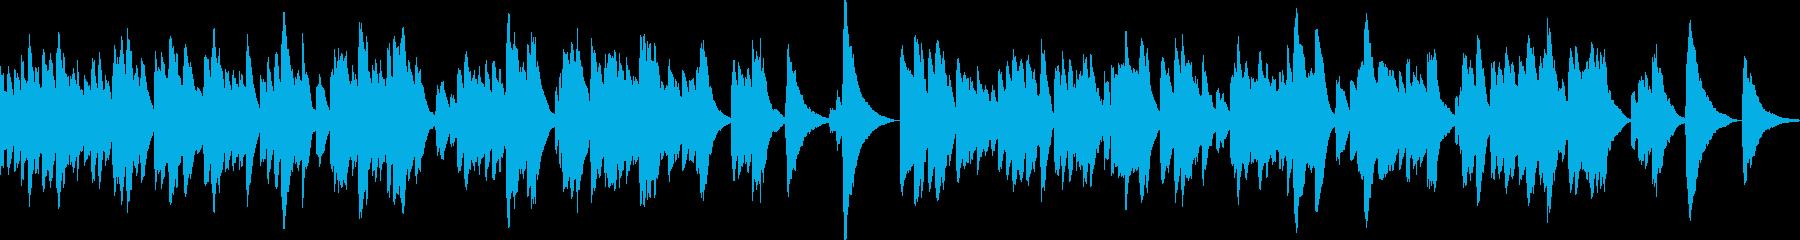 優しく切ないオルゴール曲の再生済みの波形